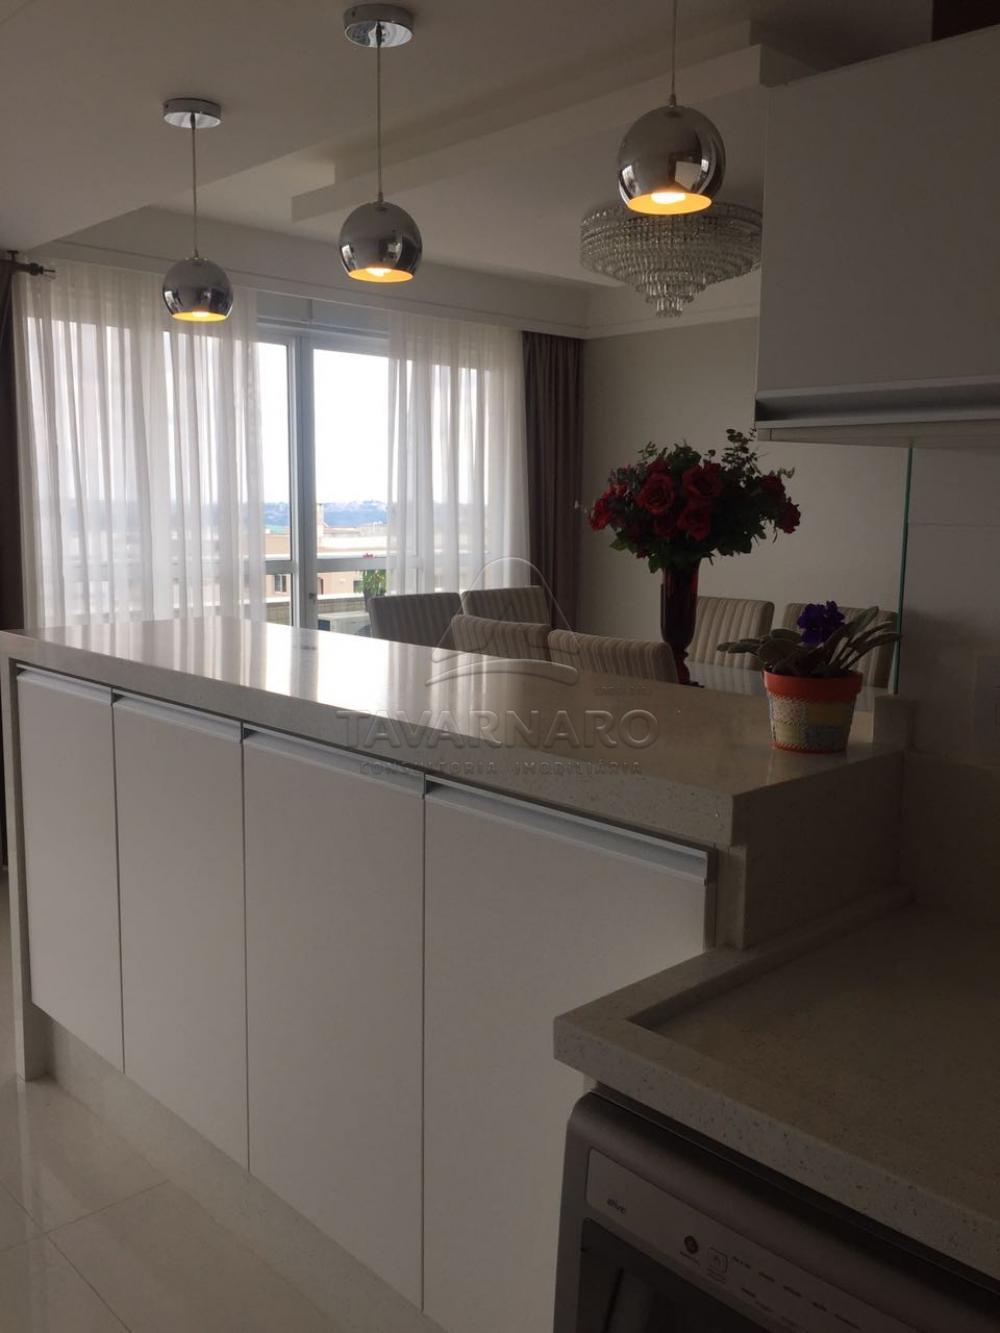 Comprar Apartamento / Padrão em Ponta Grossa apenas R$ 795.000,00 - Foto 31